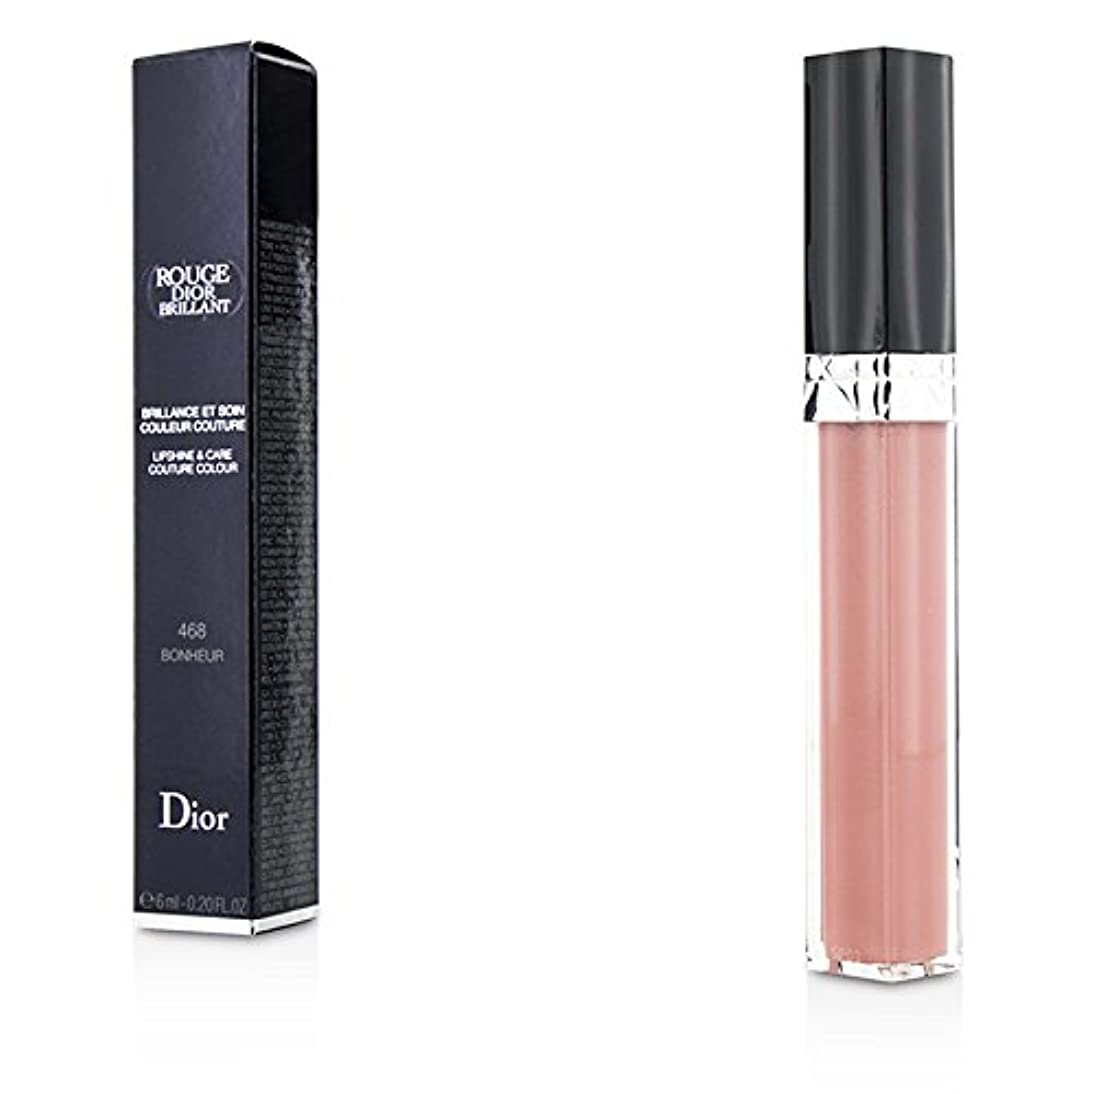 香水去る期限切れクリスチャンディオール Rouge Dior Brillant Lipgloss - # 468 Bonheur 6ml/0.2oz並行輸入品